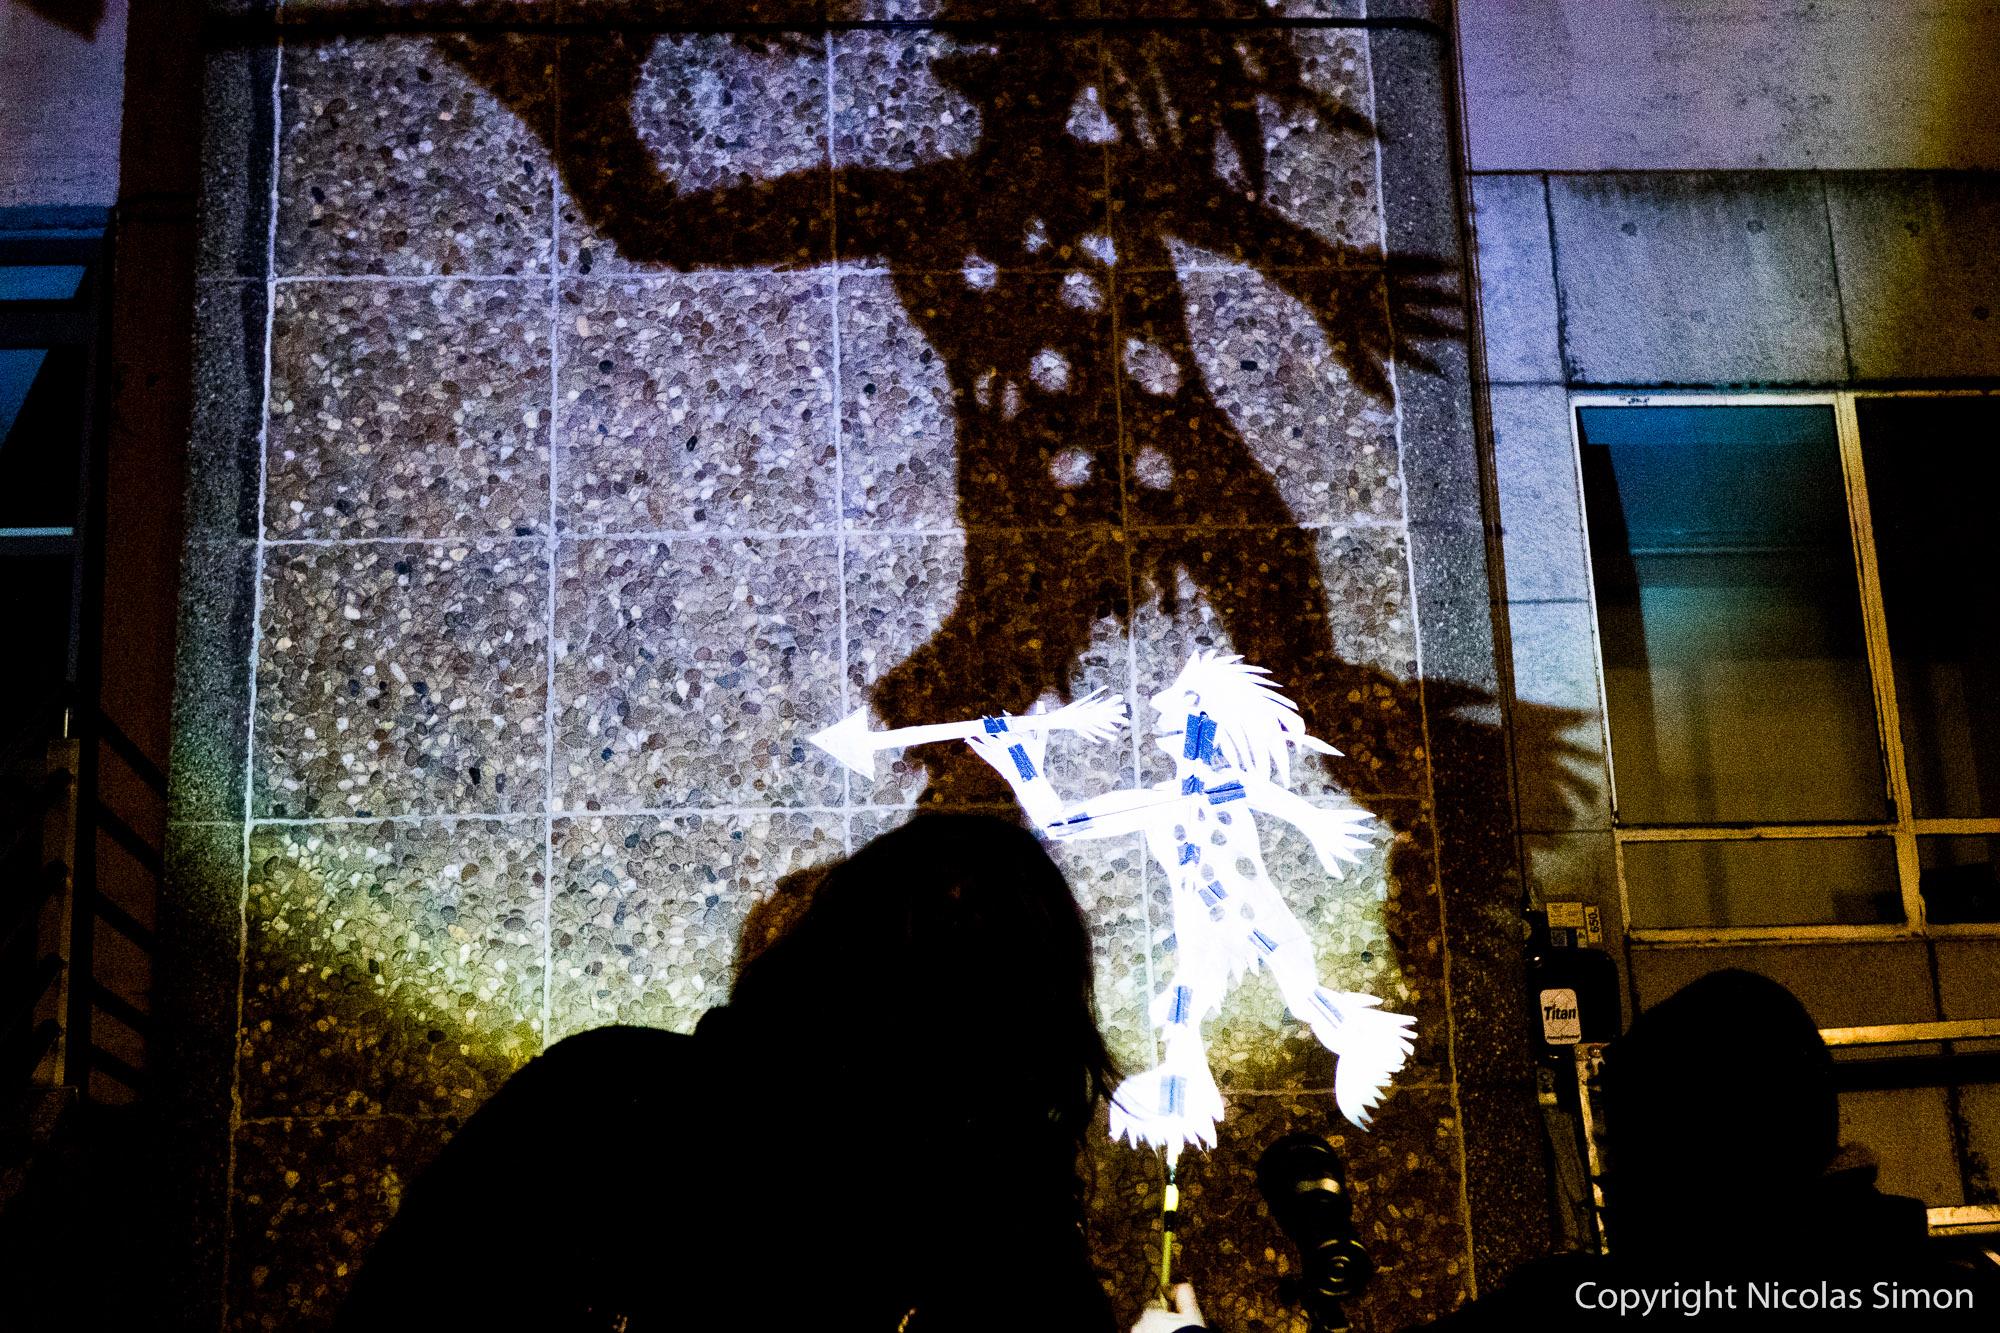 ombres-geantes-animalia_023-01612